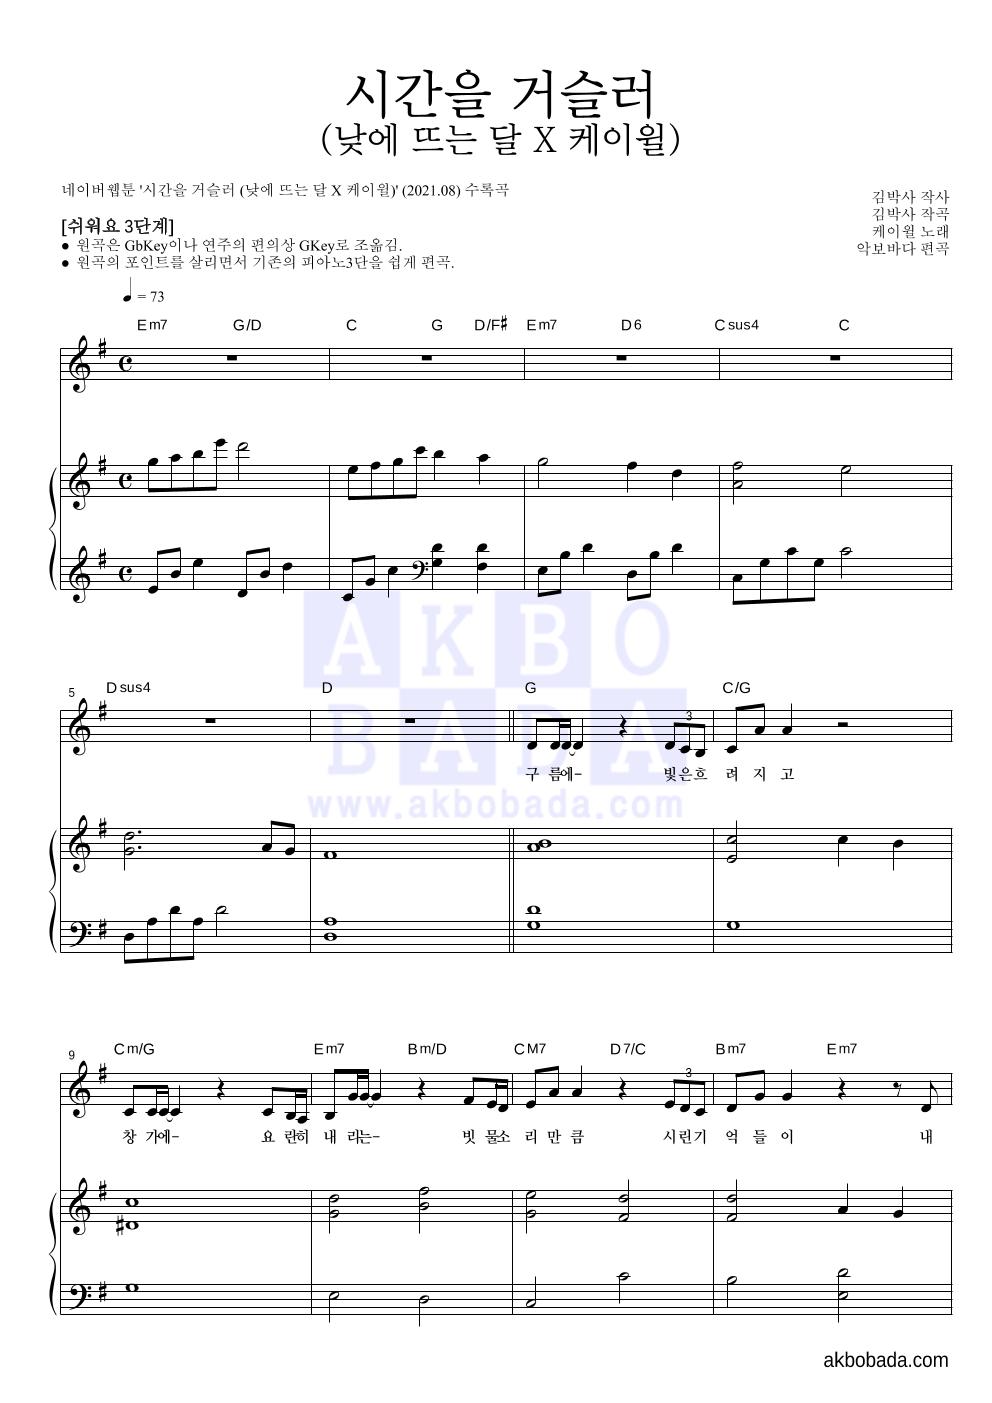 케이윌 - 시간을 거슬러 (낮에 뜨는 달 X 케이윌) 피아노3단-쉬워요 악보